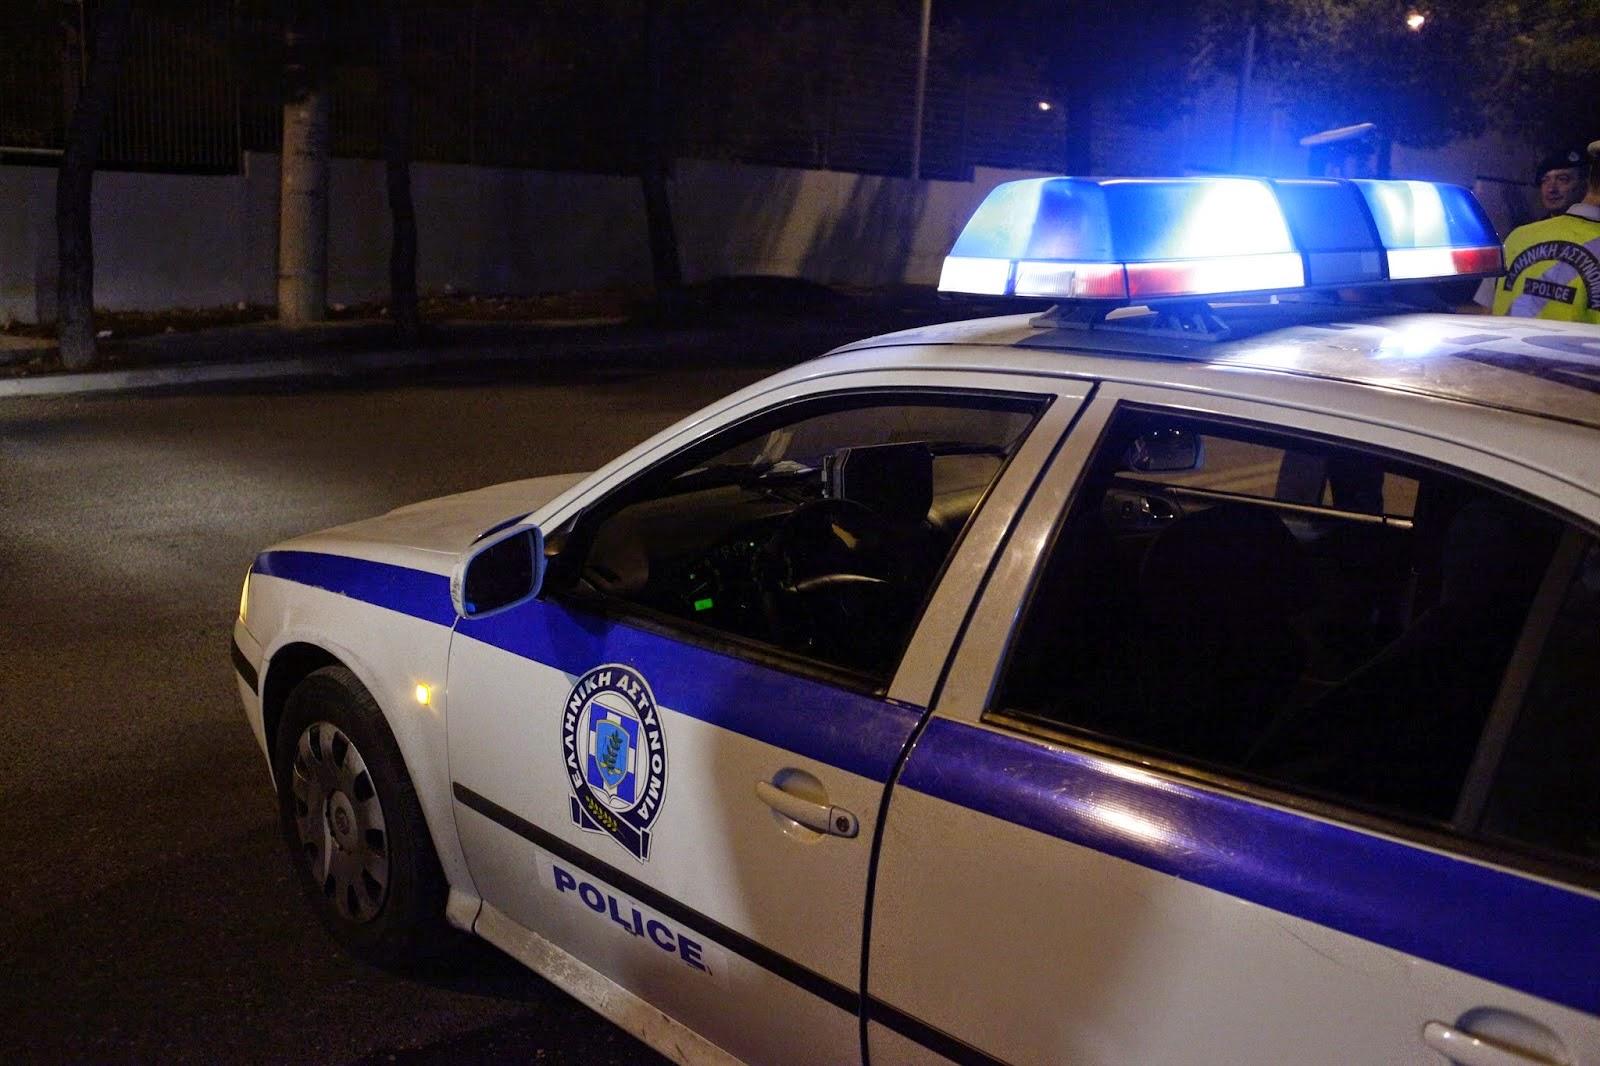 Επεισοδιακή έφοδος της ΕΛ.ΑΣ σε οίκο ανοχής στην Ομόνοια – Έκανε «χρυσές» δουλειές στο lockdown